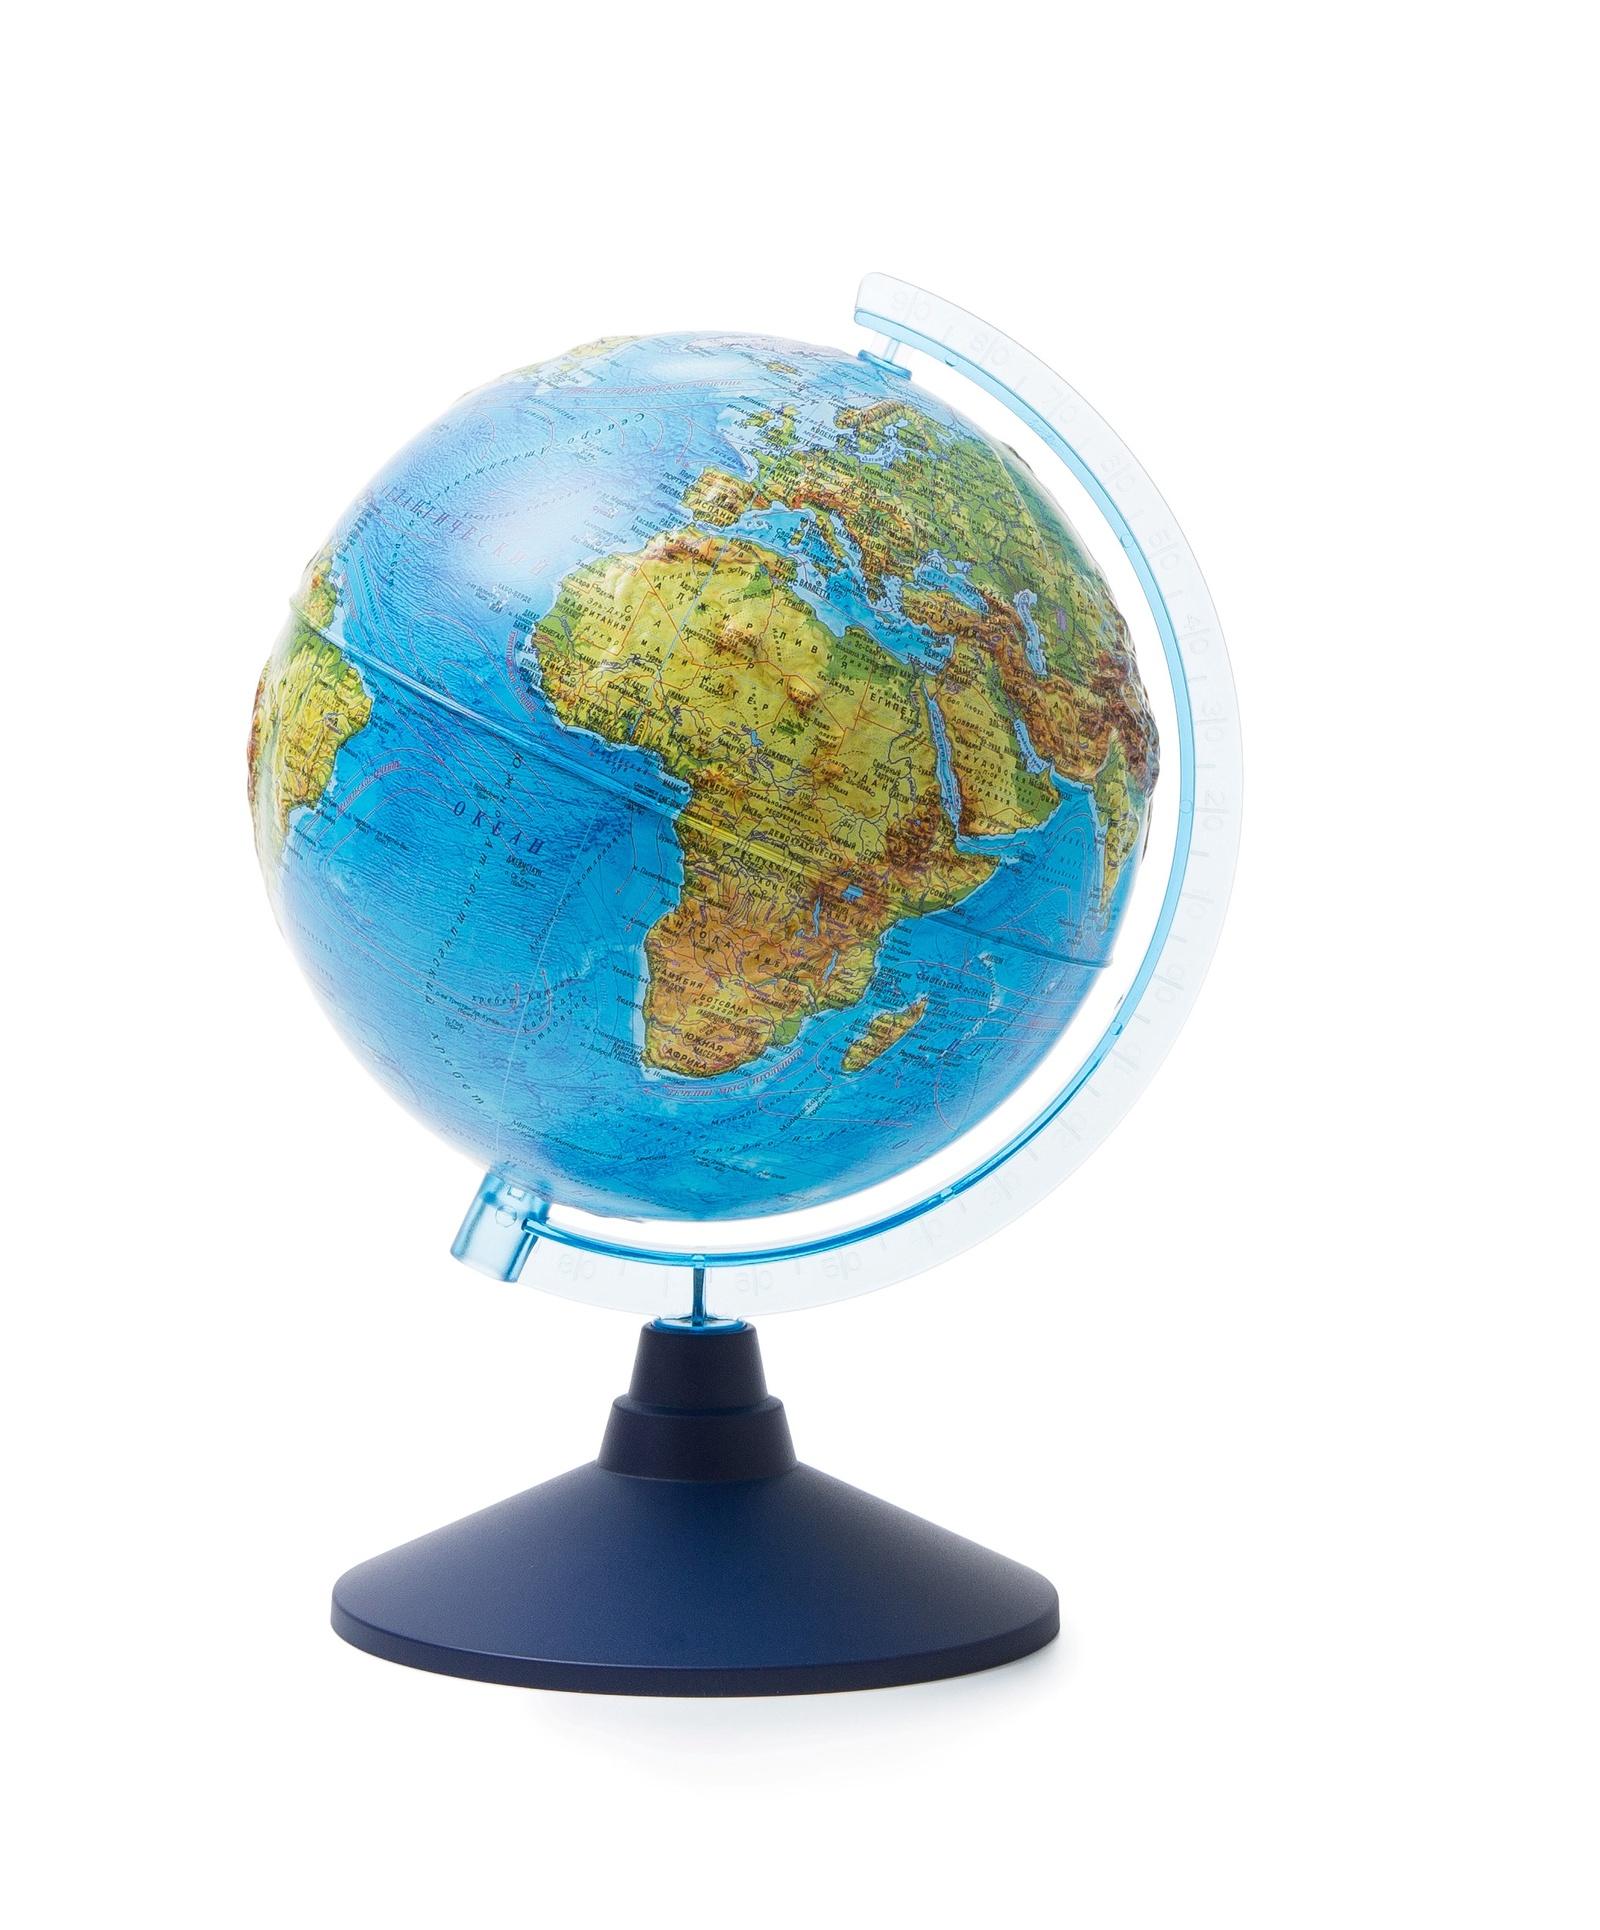 Глобус Globen Земли физический рельефный, диаметр 210 мм глобус globen физический рельефный